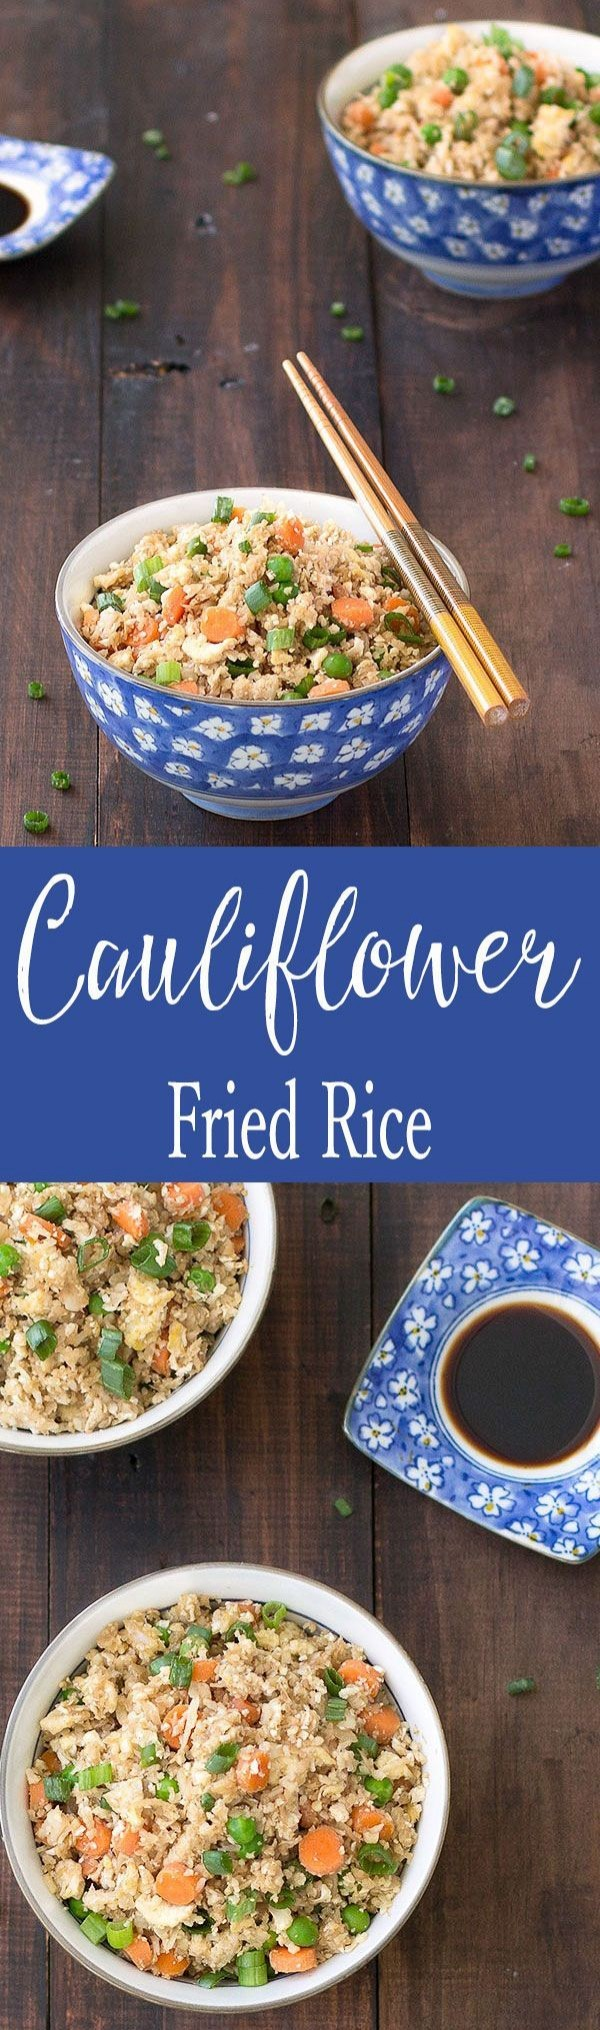 Get the recipe Cauliflower Fried Rice @recipes_to_go